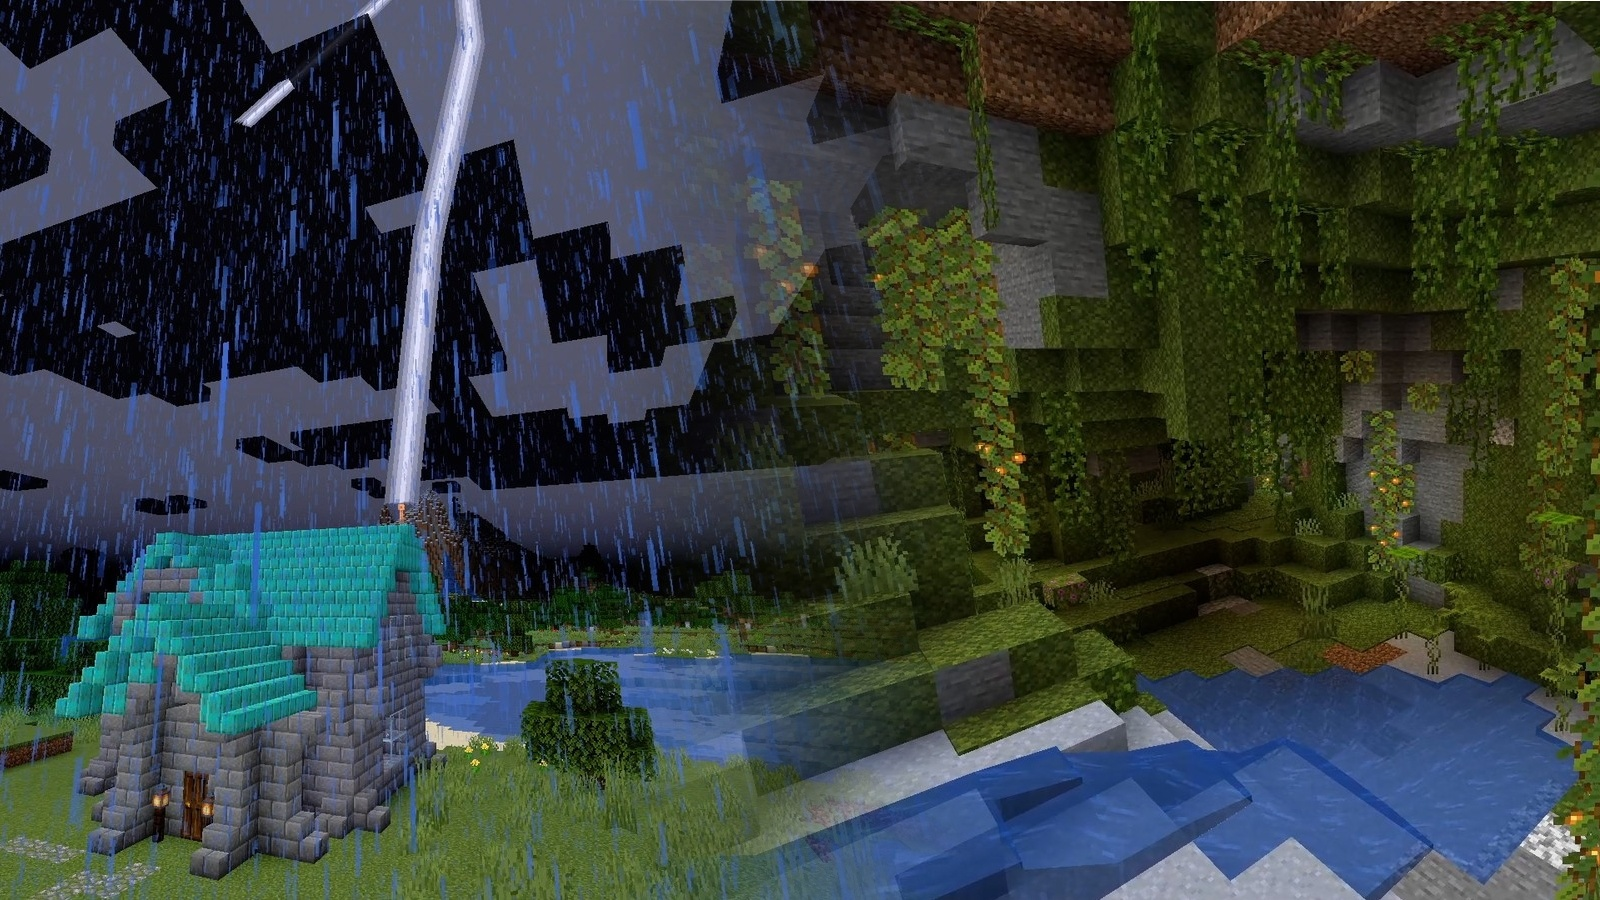 Minecraft - 11 kommen beeindruckende Höhlen und süße Axolotls